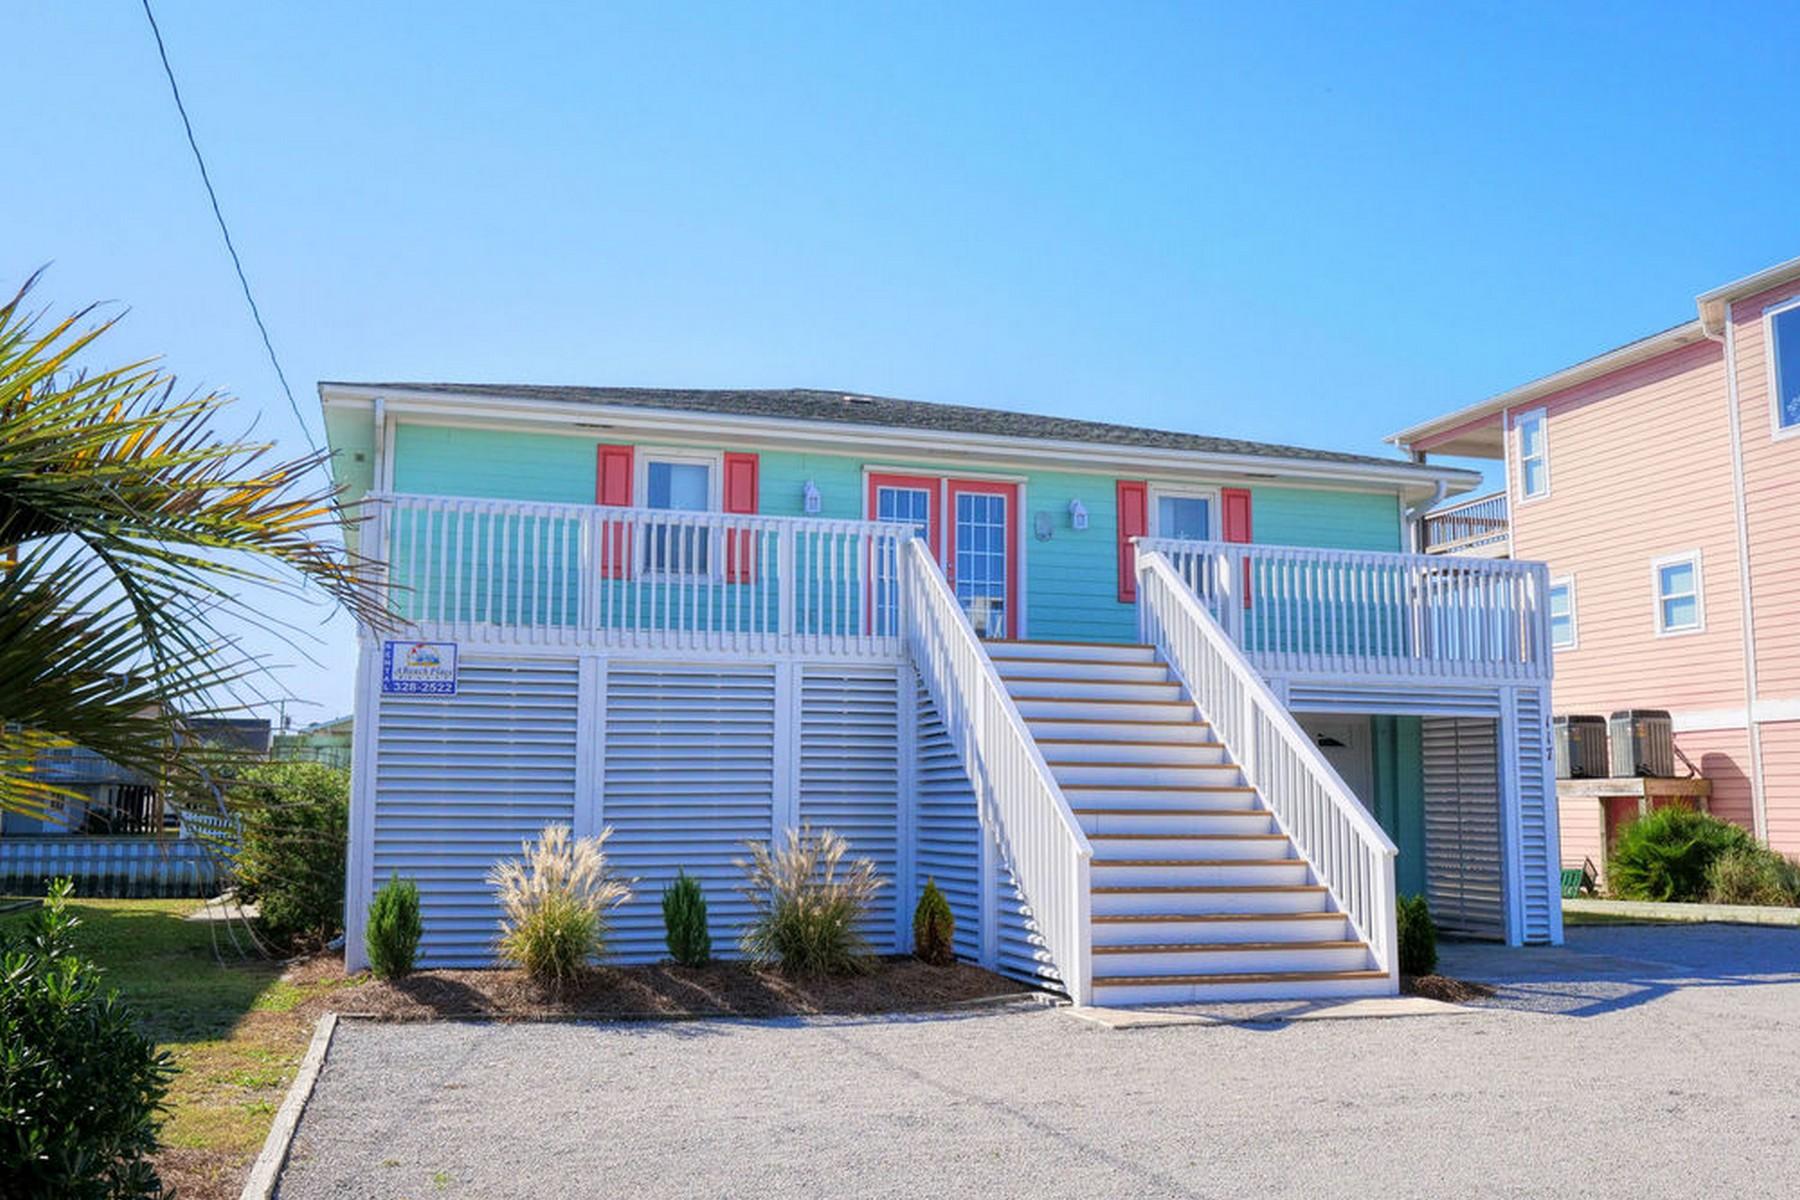 独户住宅 为 销售 在 Tranquil Waterfront Living 117 Boryk Ave, Topsail Beach, 北卡罗来纳州, 28445 美国